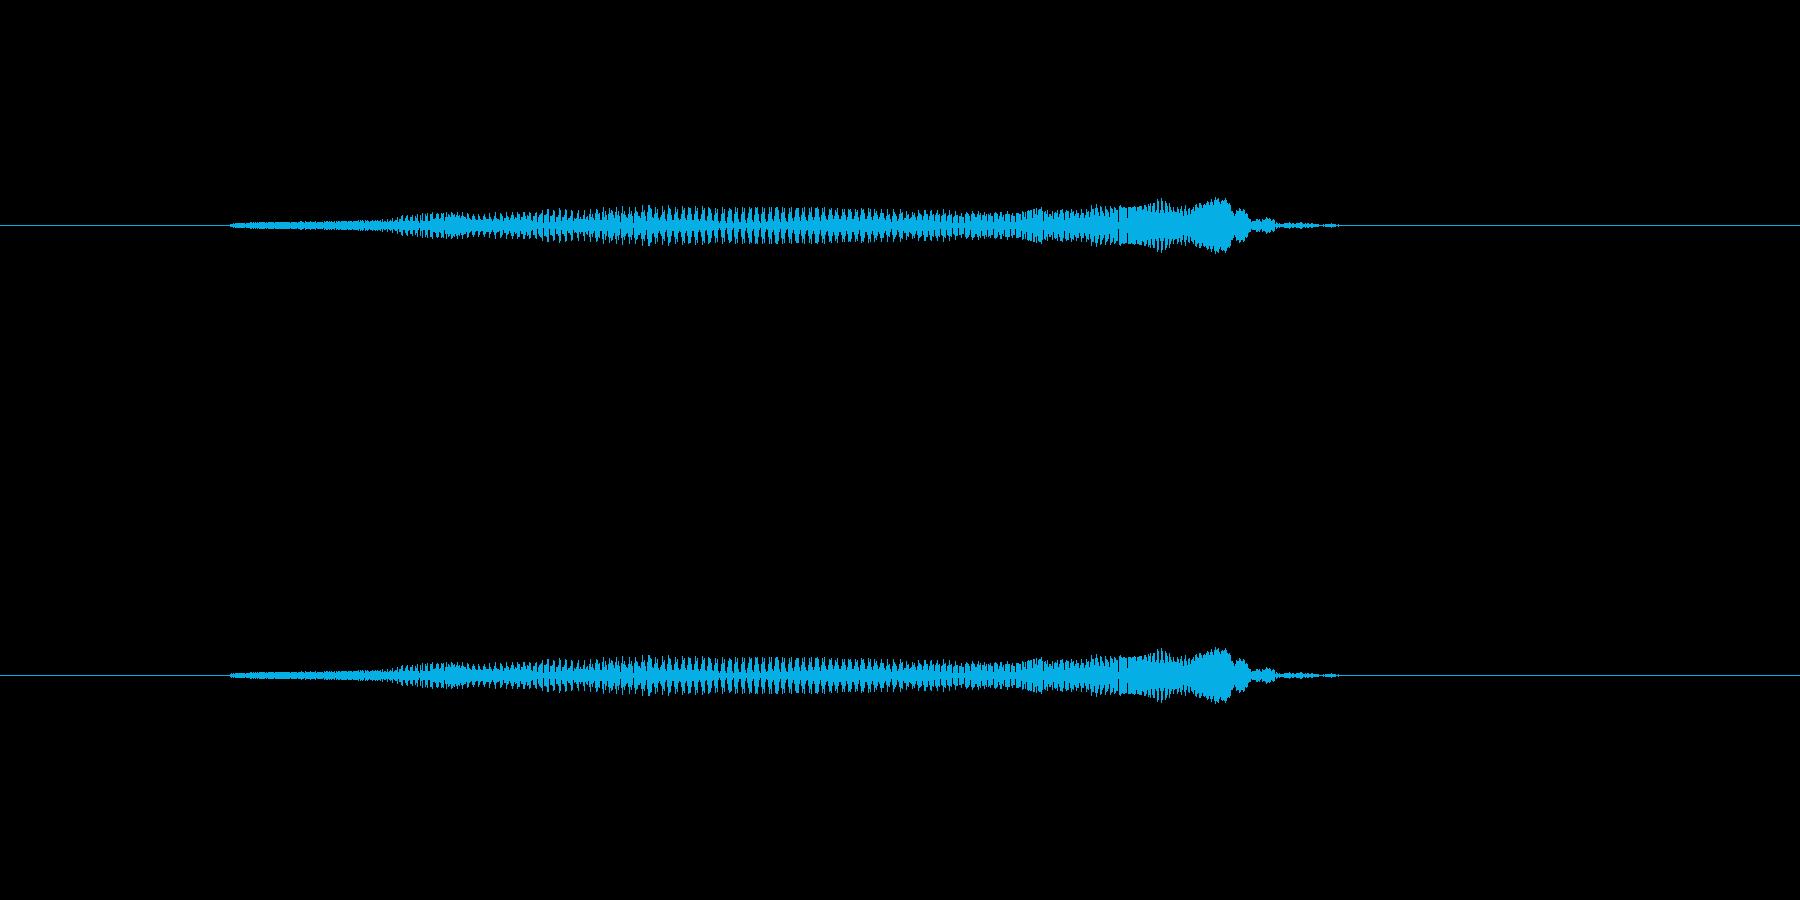 ニャー_猫声-18の再生済みの波形